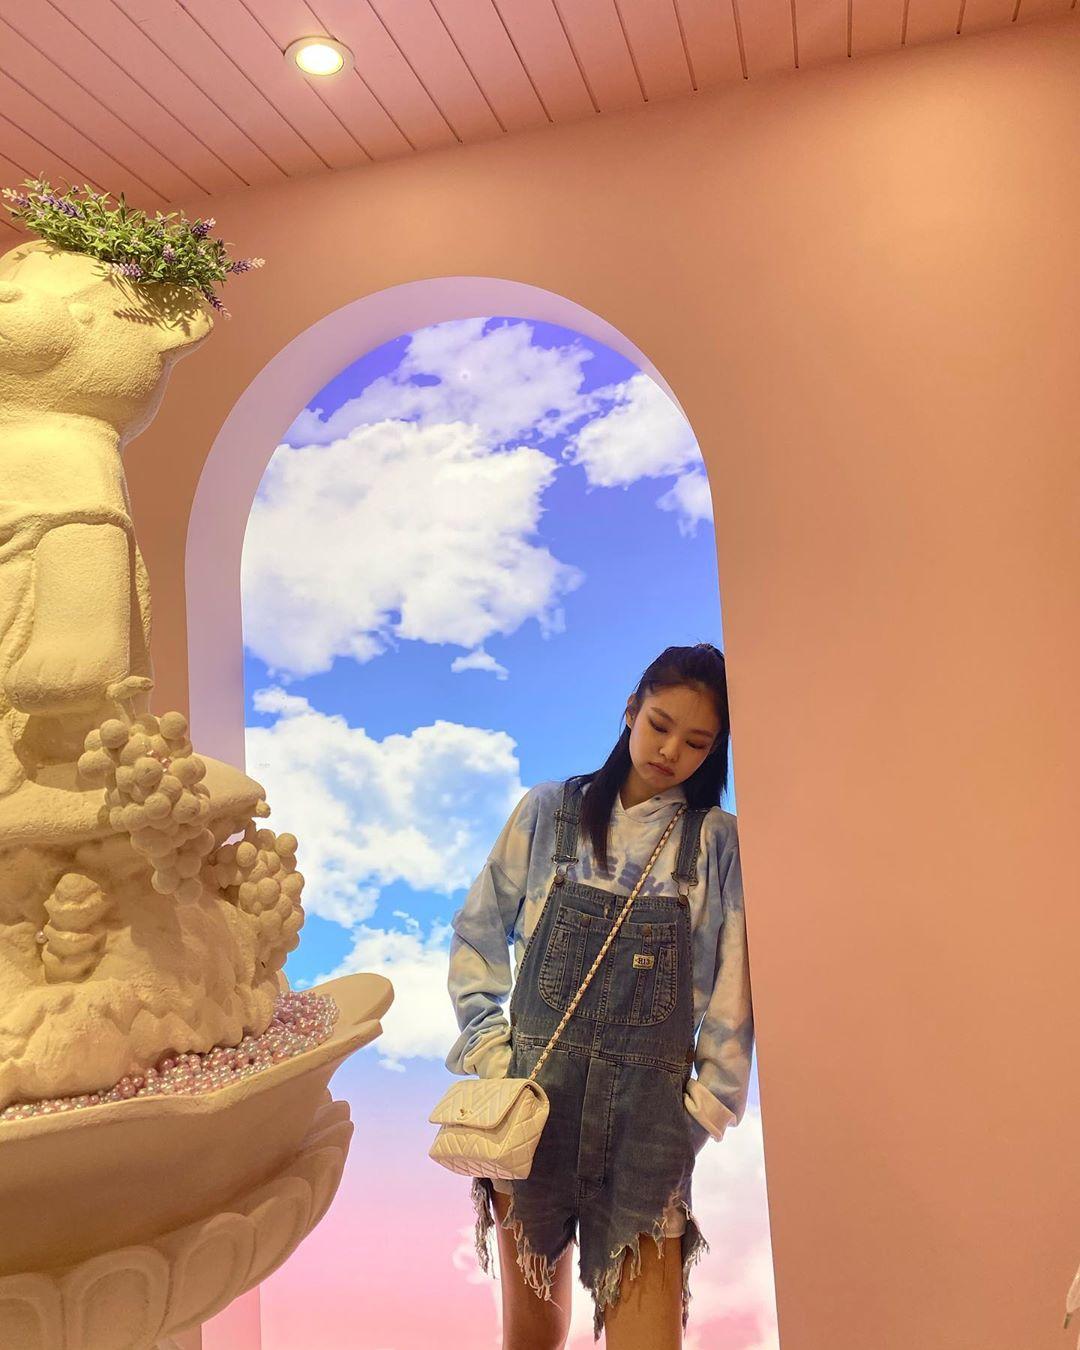 Dương Mịch - Tống Thiến - Jennie cùng 'hack tuổi' tài tình với 1 mẫu quần nhưng khác biệt về độ chất mới đáng bàn 2